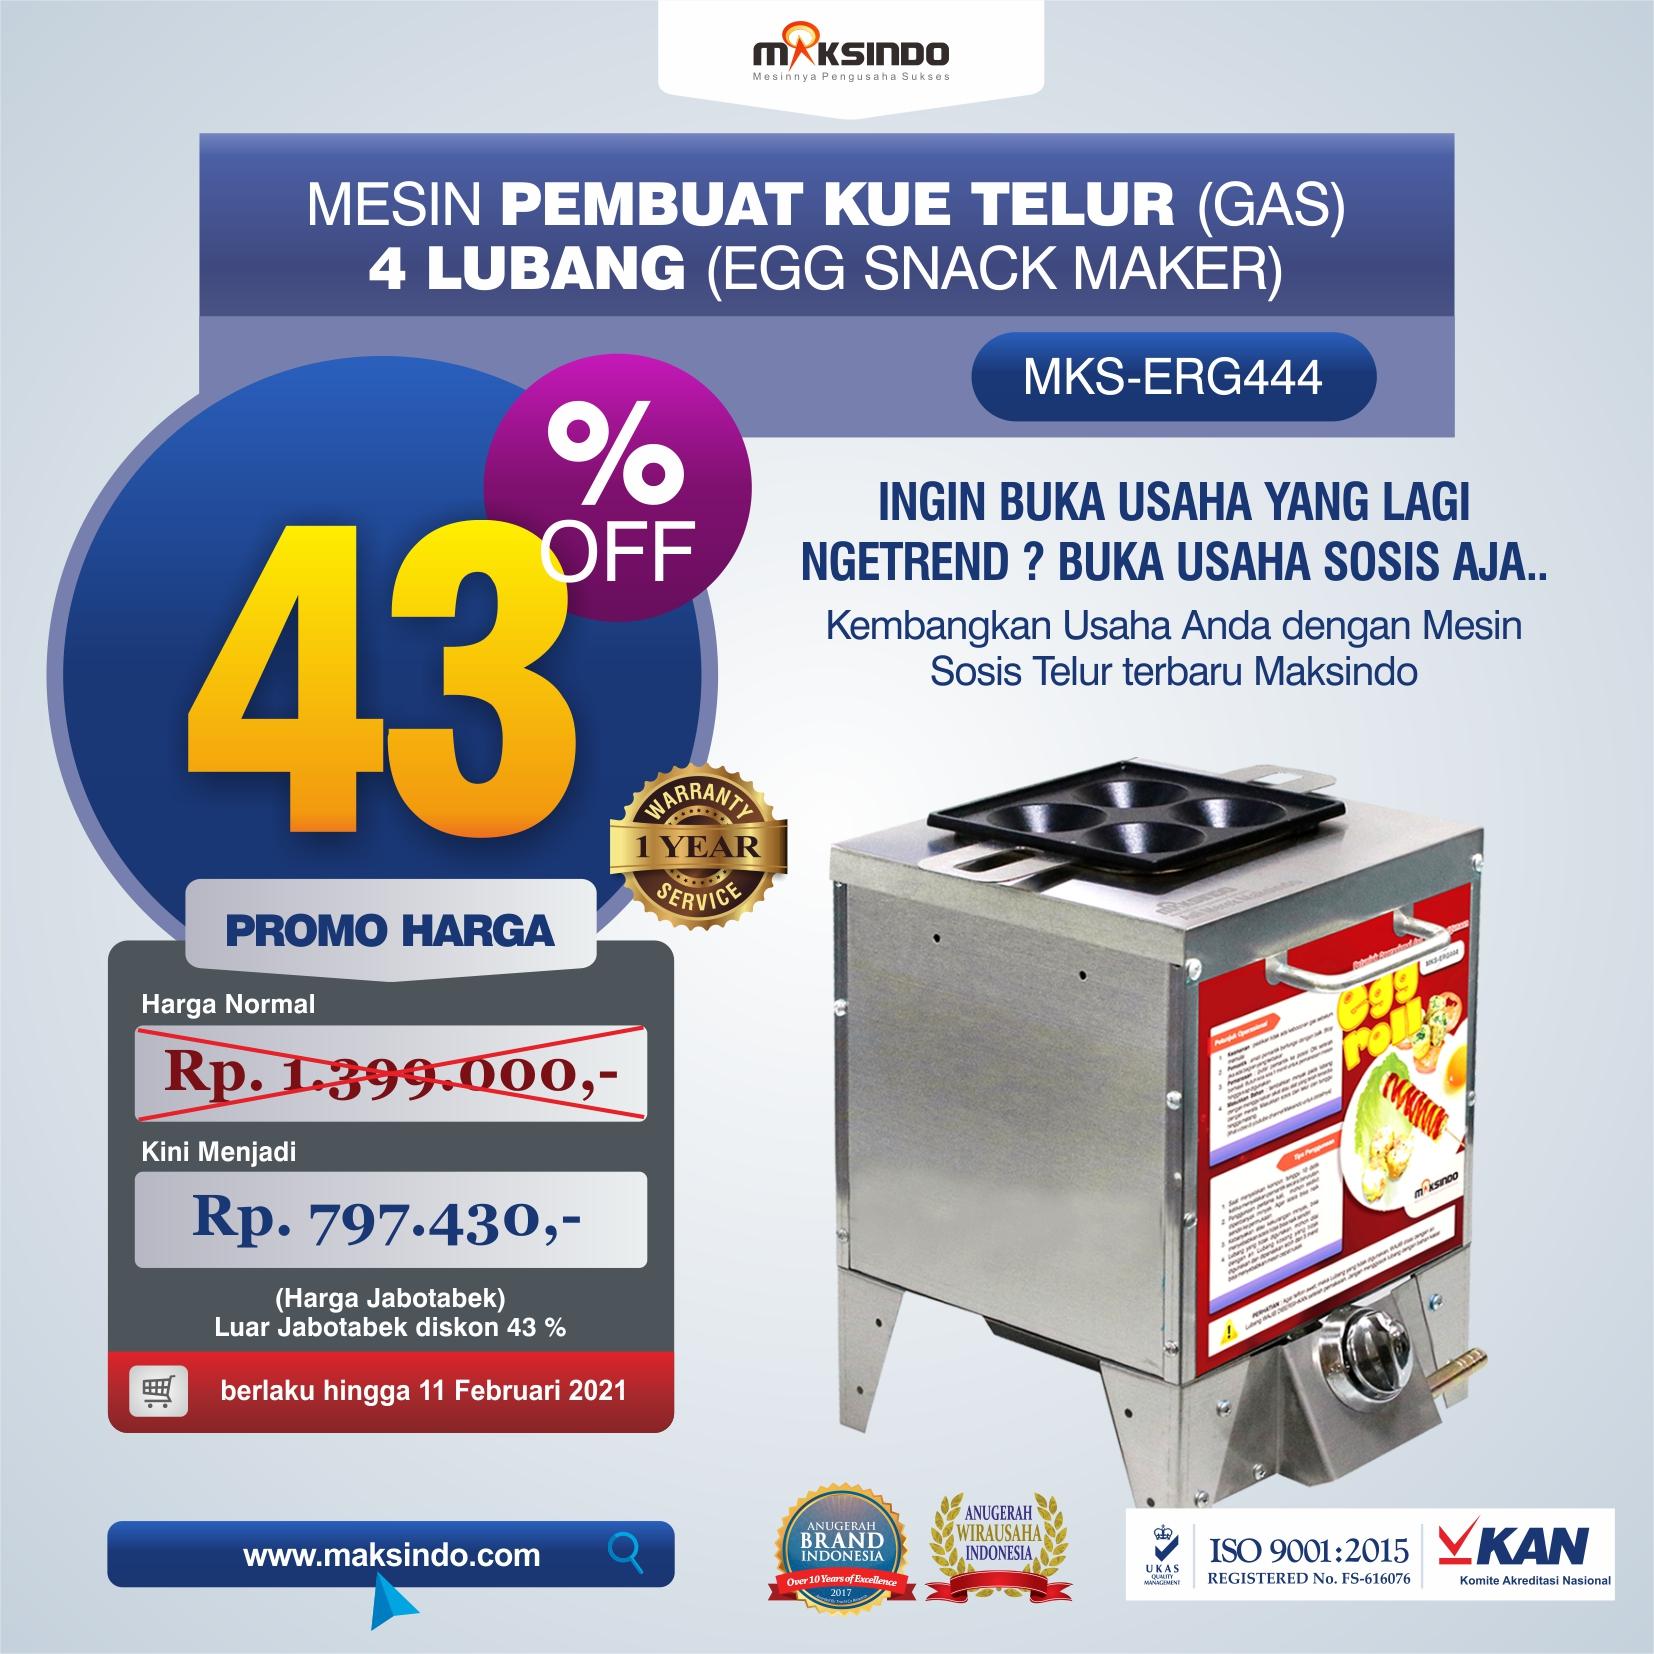 Mesin Pembuat Egg Roll (Gas) 4 Lubang MKS-ERG444 di Medan